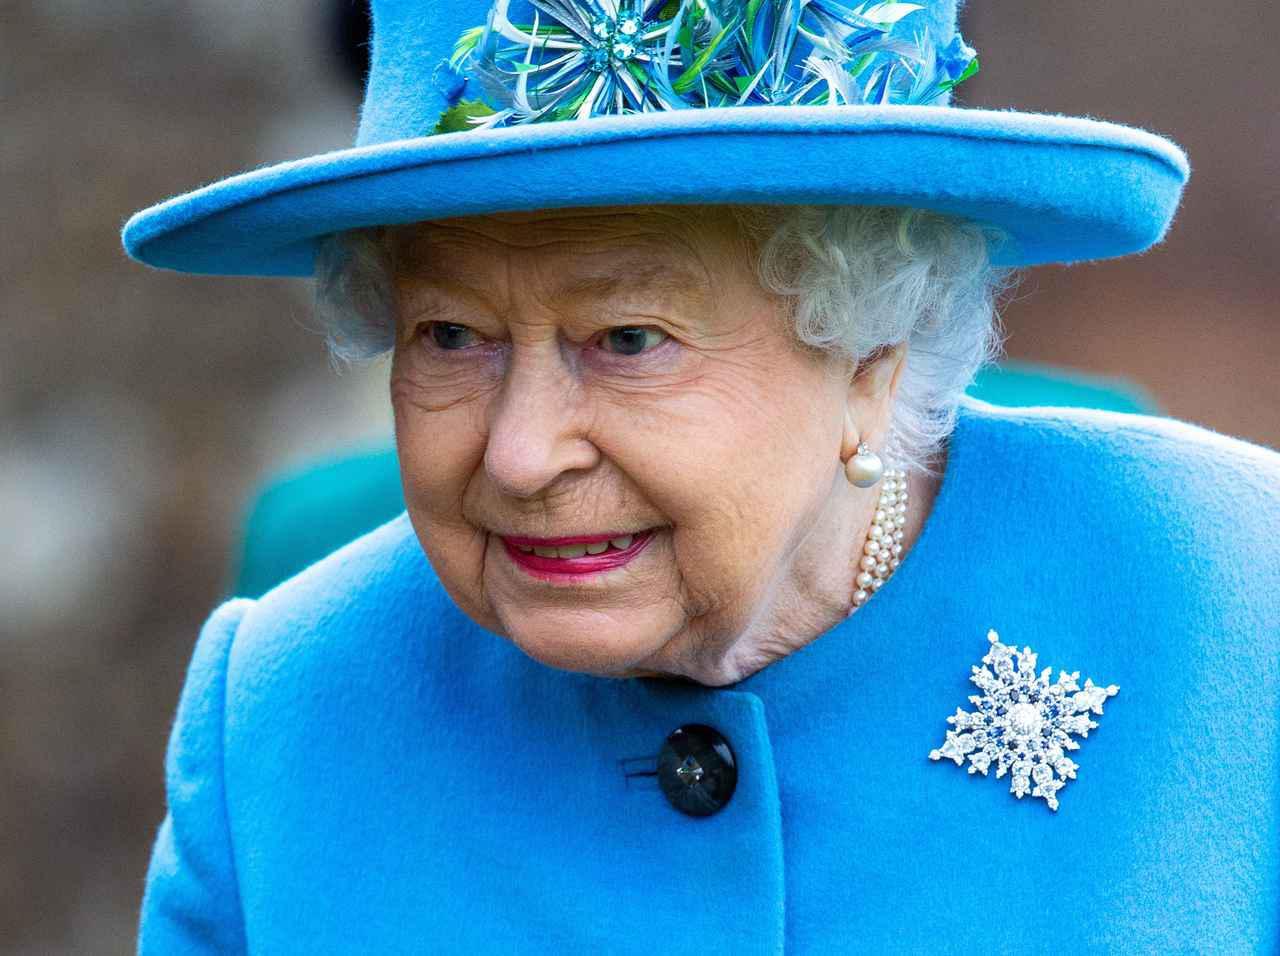 画像2: エリザベス女王、衣装にきらめく孫たちへの愛